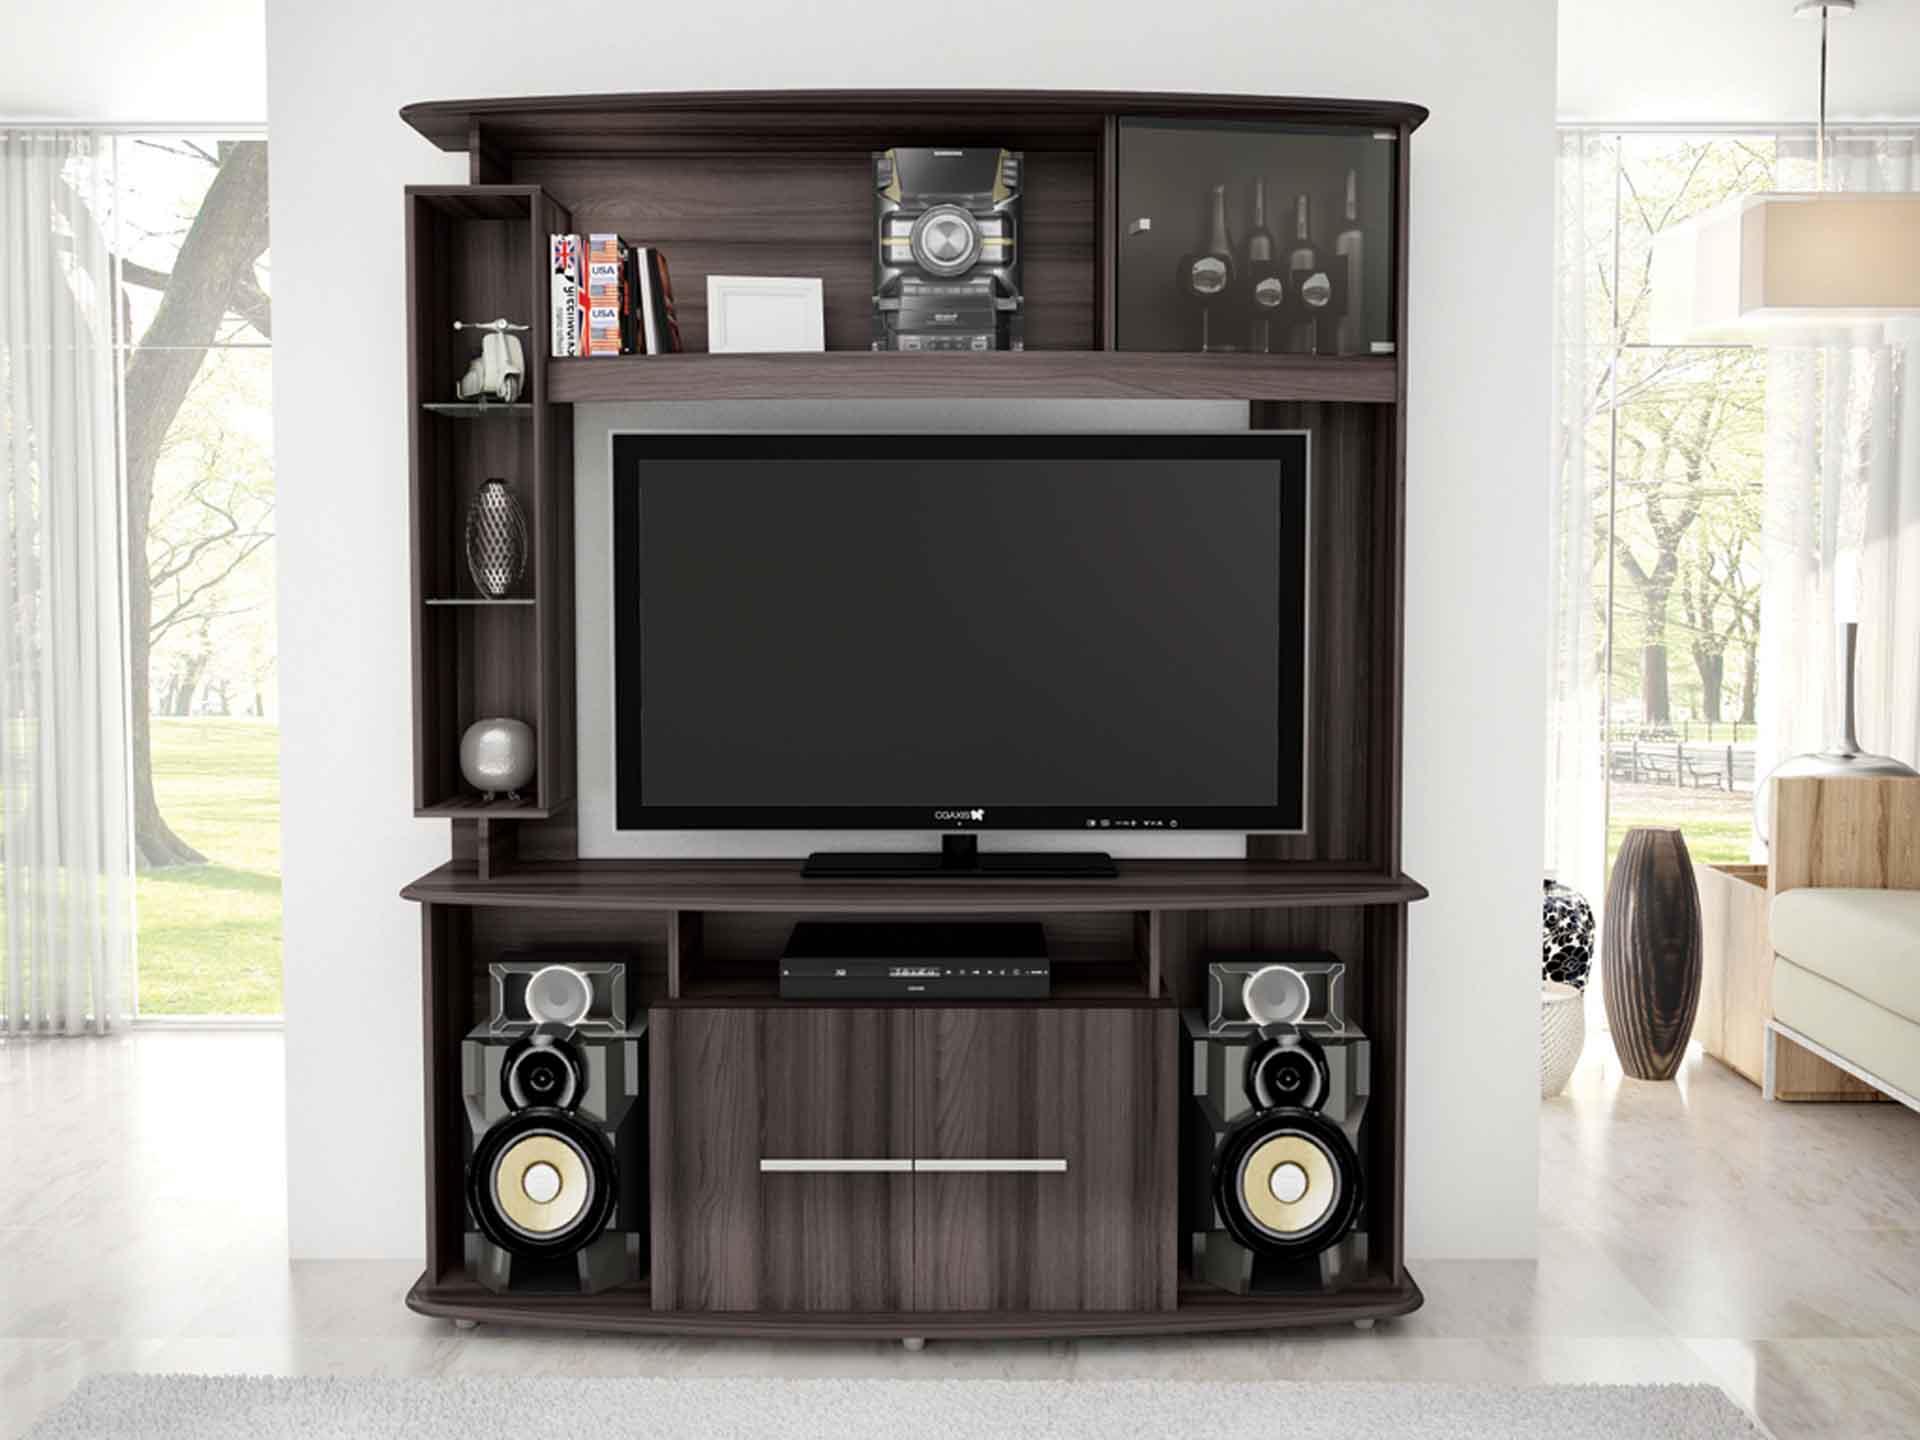 Brazilian Furniture Caemmun Industria E Comercio De Moveis Ltda  # Muebles Caemmun